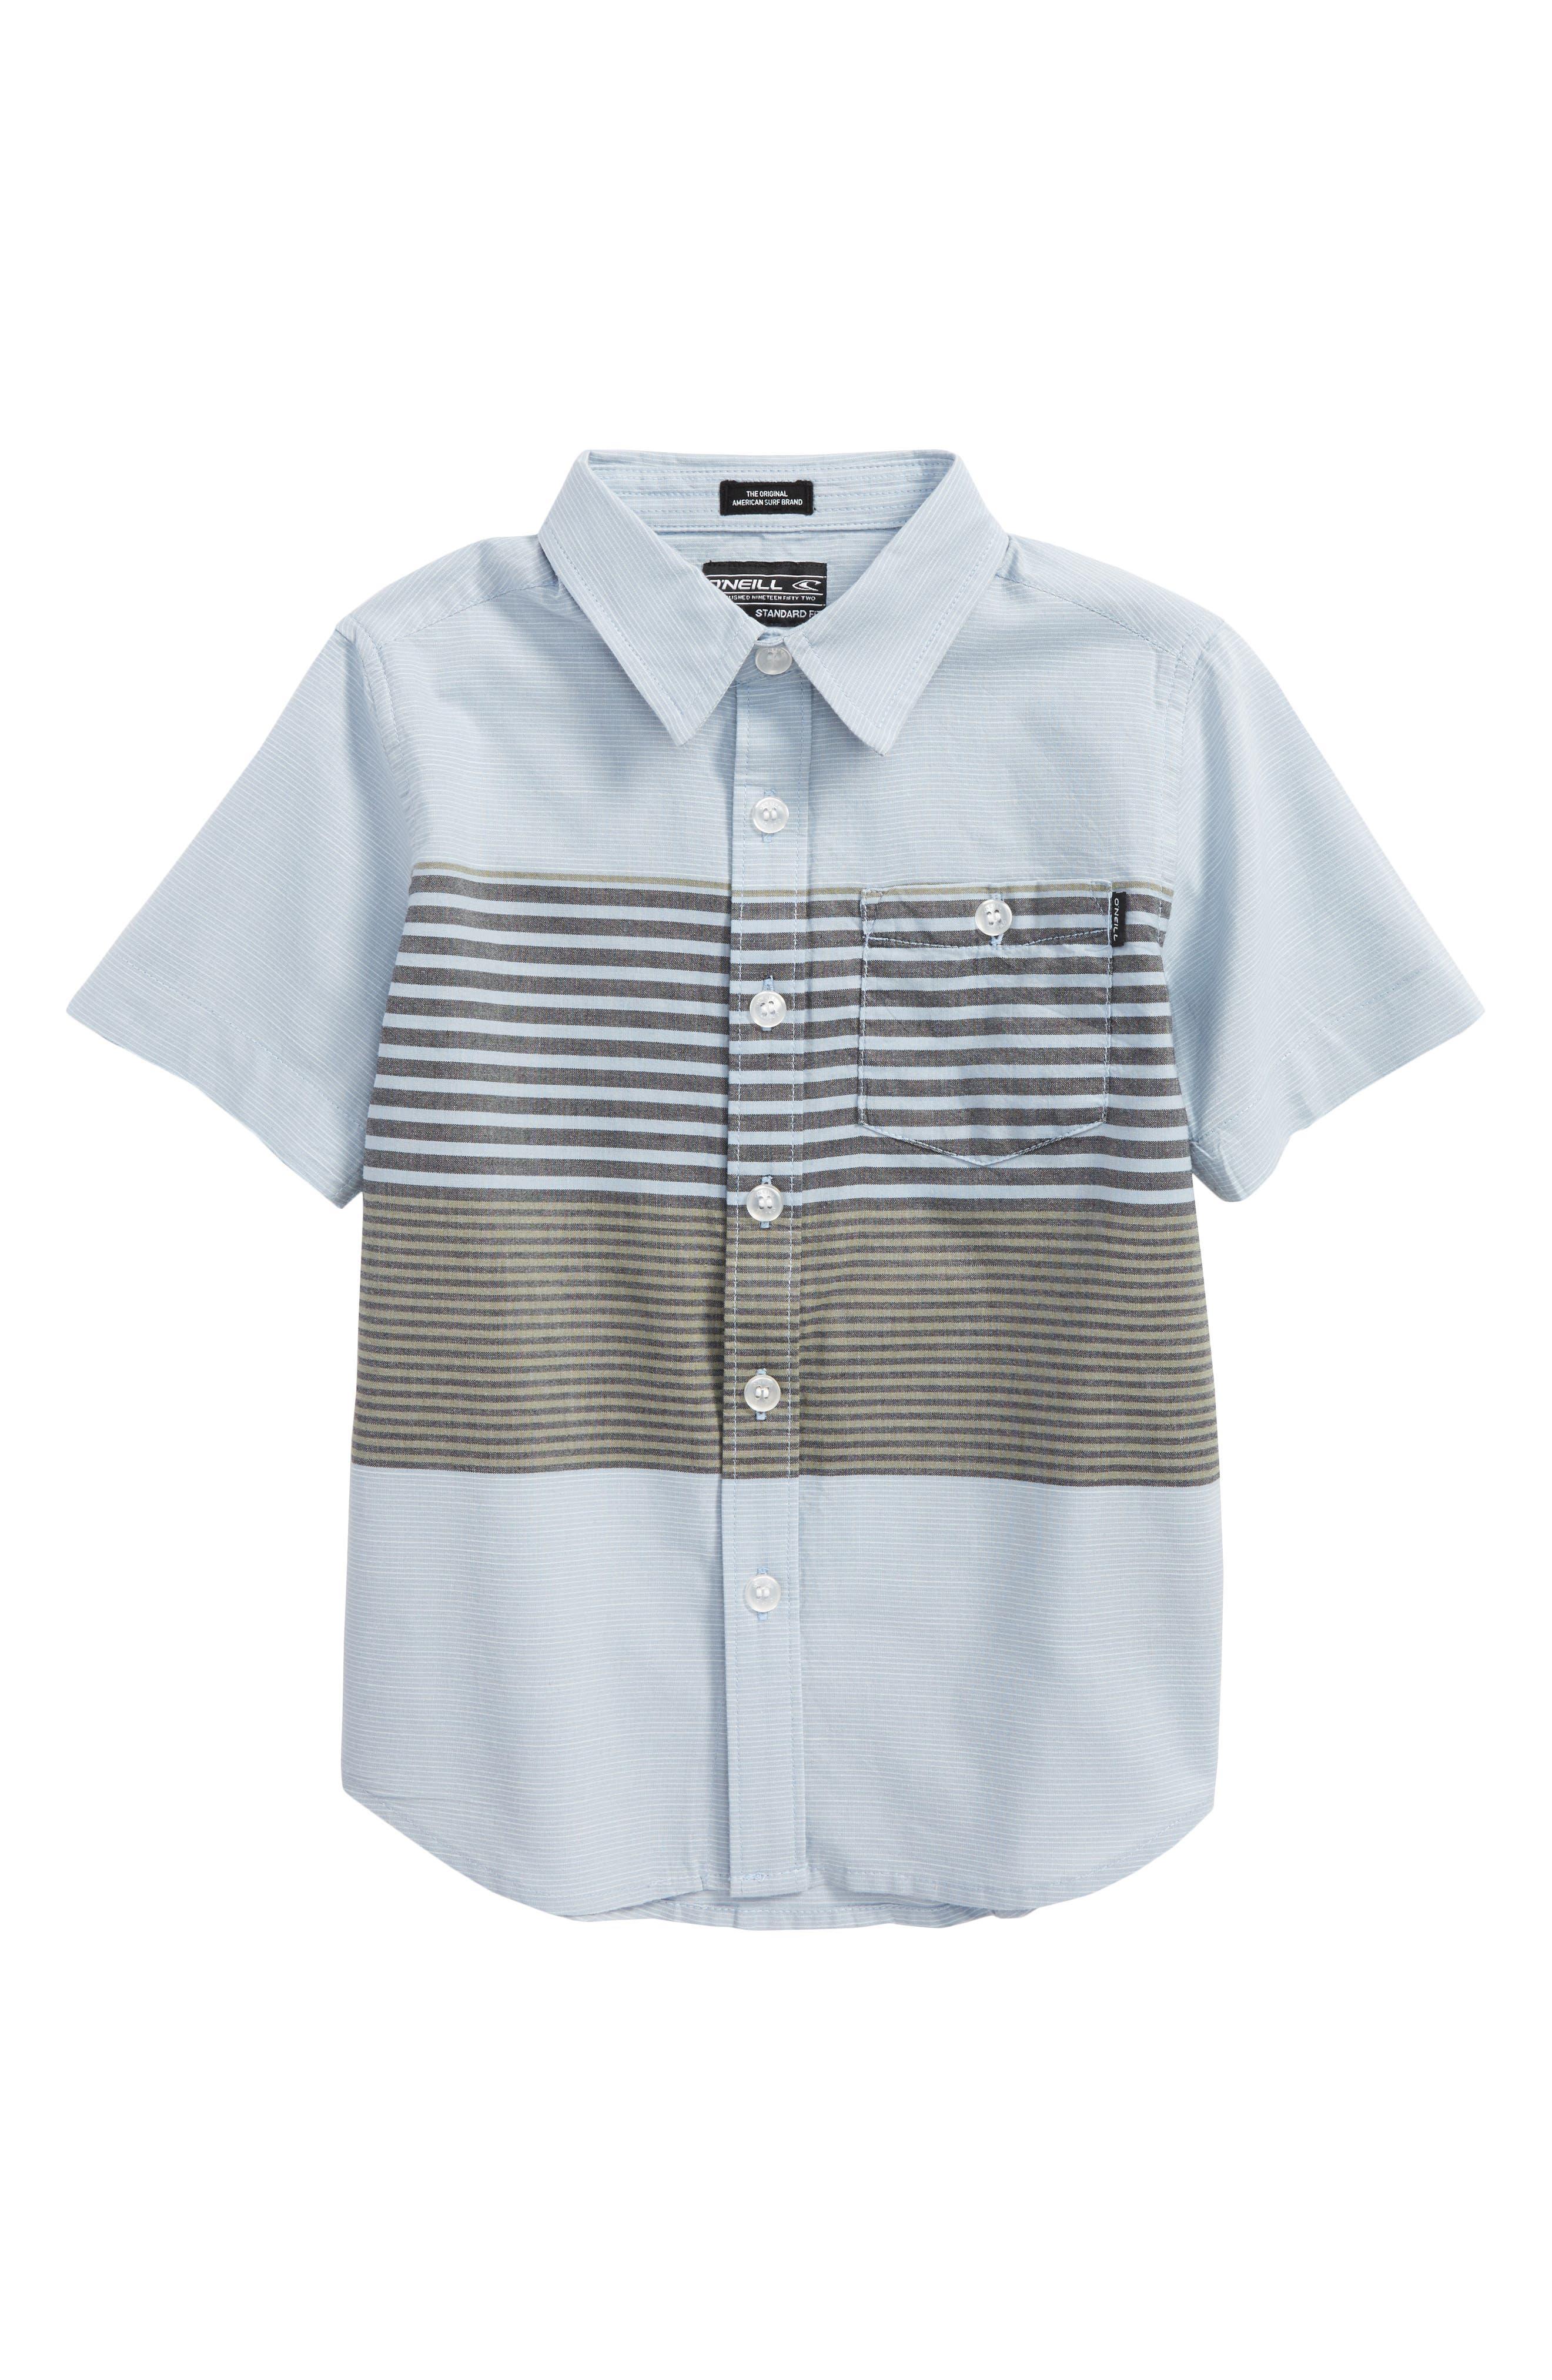 O'Neill Altair Woven Shirt (Little Boys)